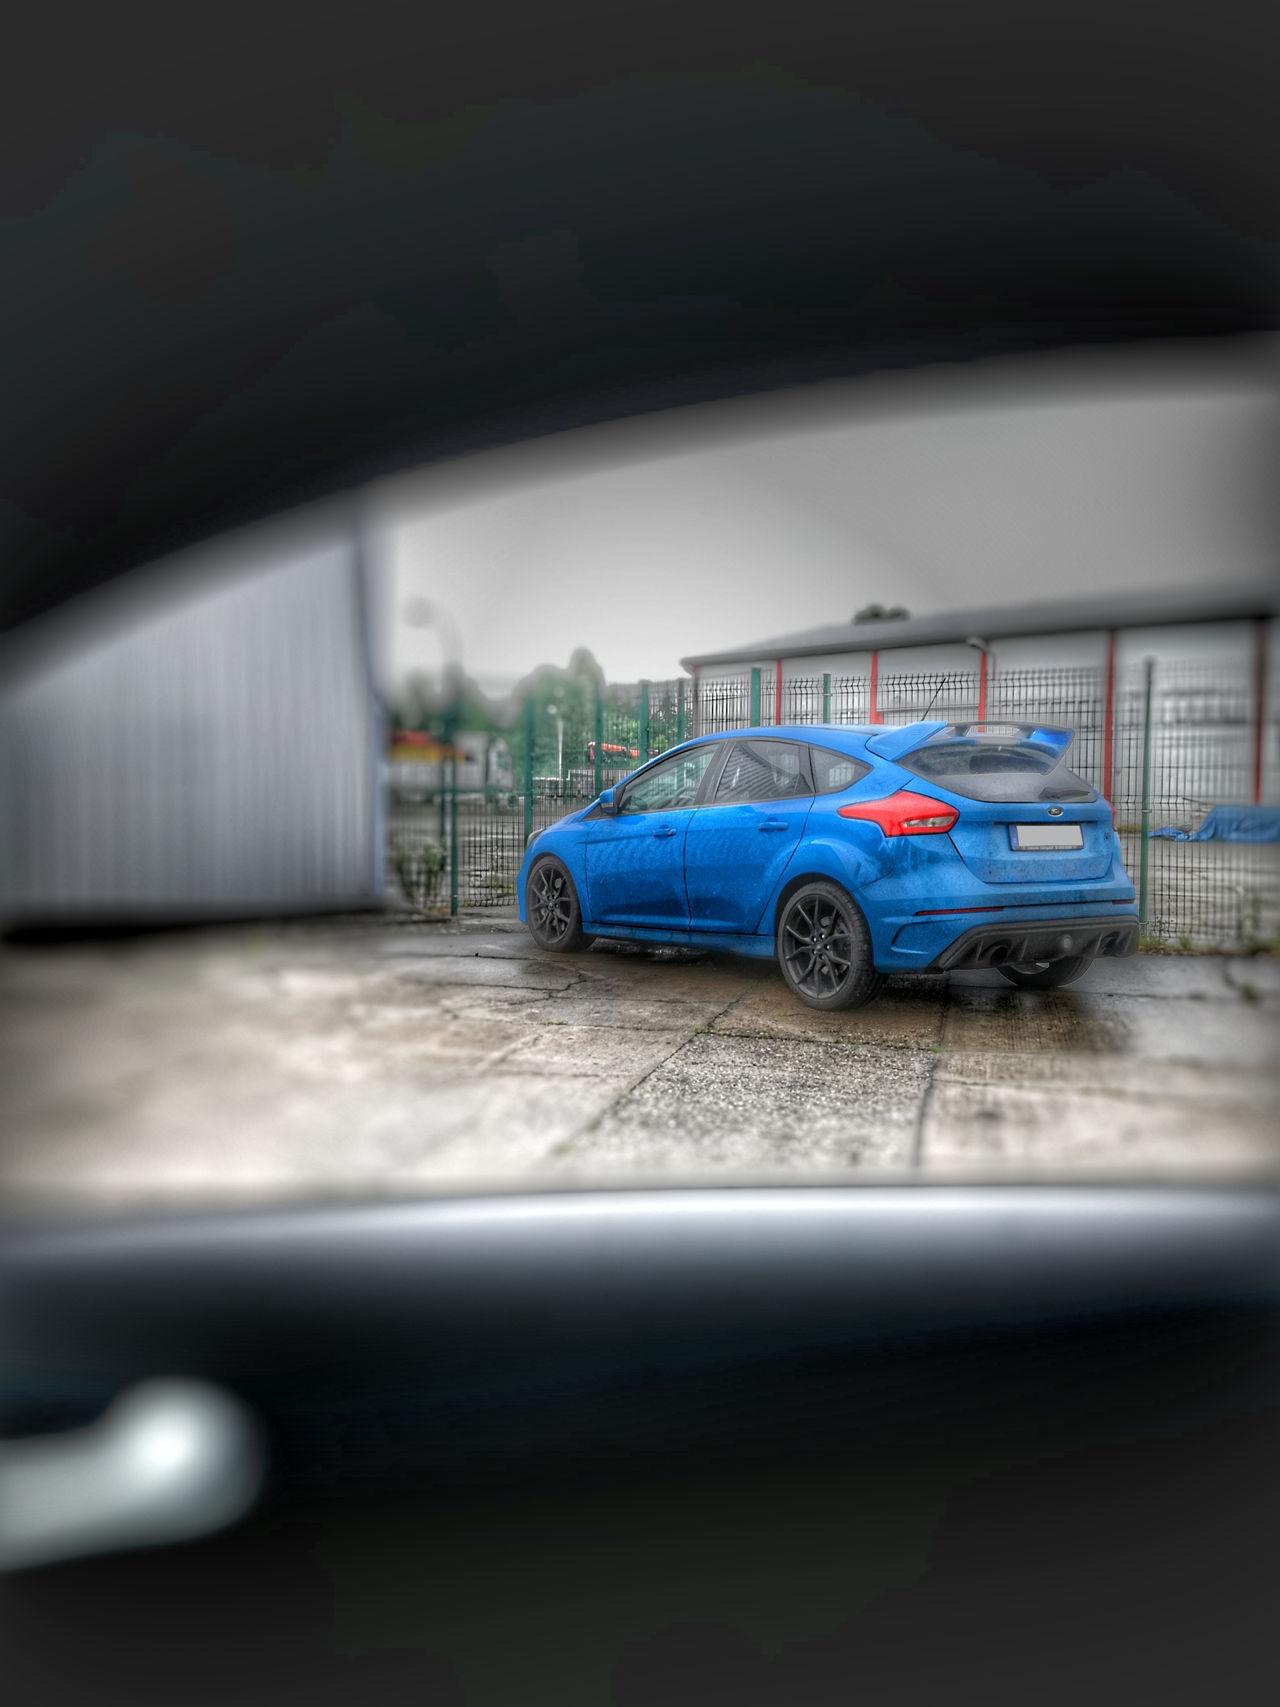 Car City Street Blue Outdoors Day Parking Garage Spraying No People Water Destruction Regen Ford Focus Rs Mk3 Will Ich Haben GERMANY🇩🇪DEUTSCHERLAND@ P9lite